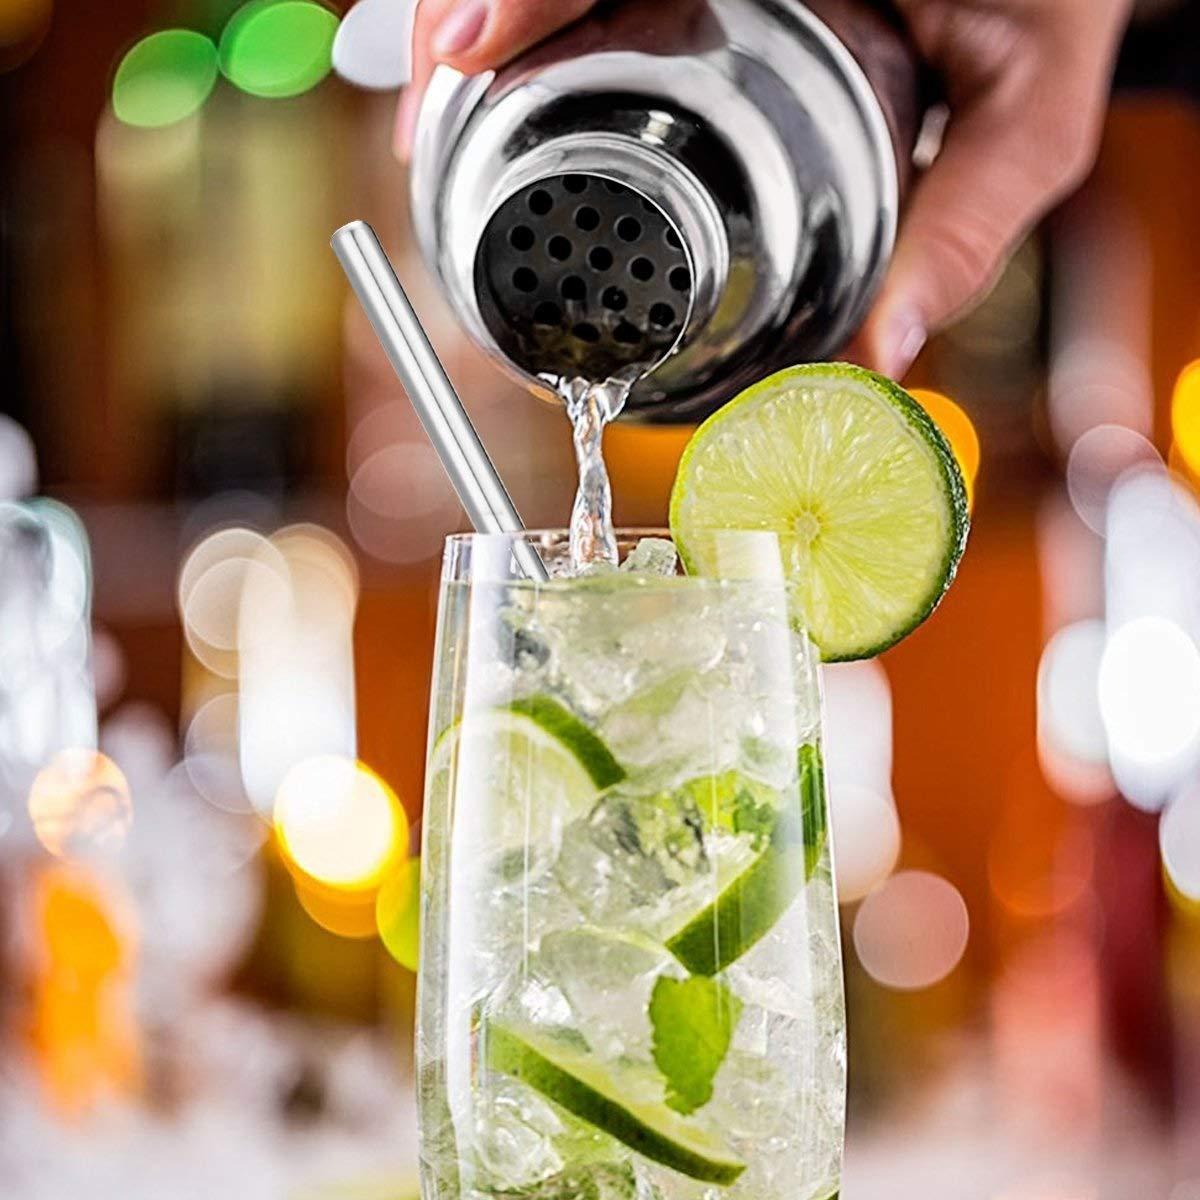 Compra Coctelera Juego, Juego de cóctel de Bar Premium, licuadora ...